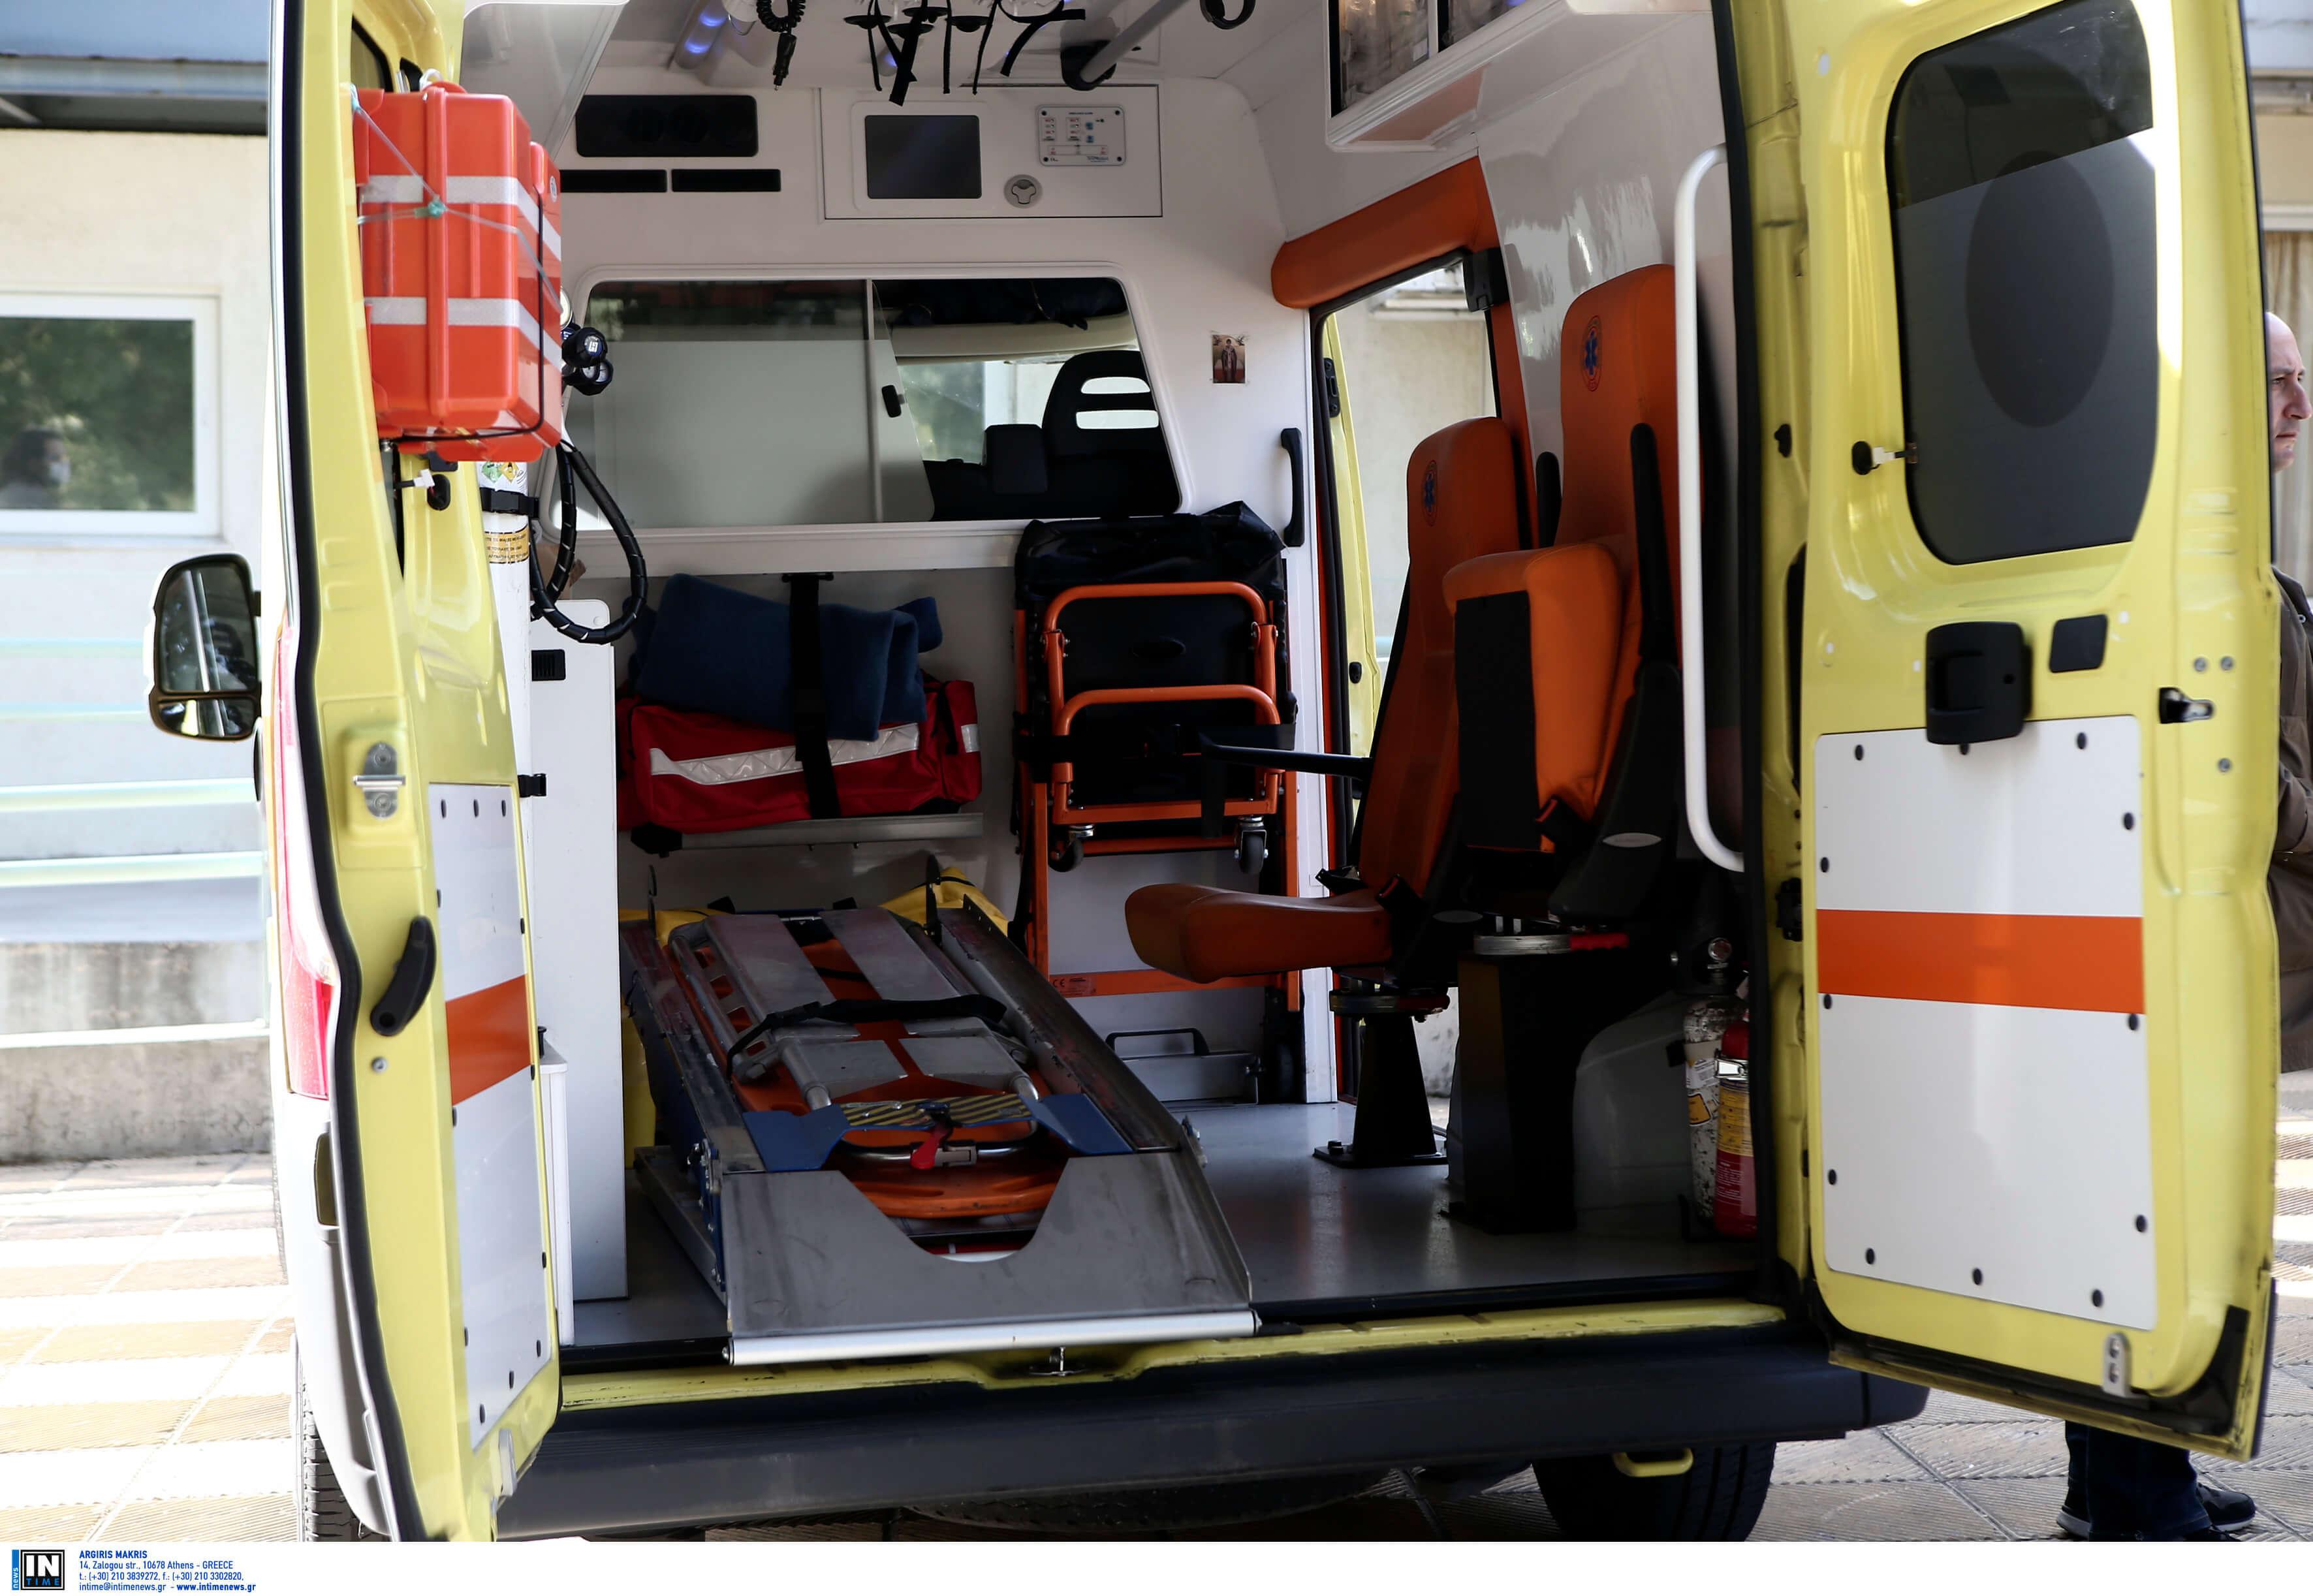 Λαμία: Κοριτσάκι τριών ετών ήπιε απορρυπαντικό – Εσπευσμένα στο νοσοκομείο!